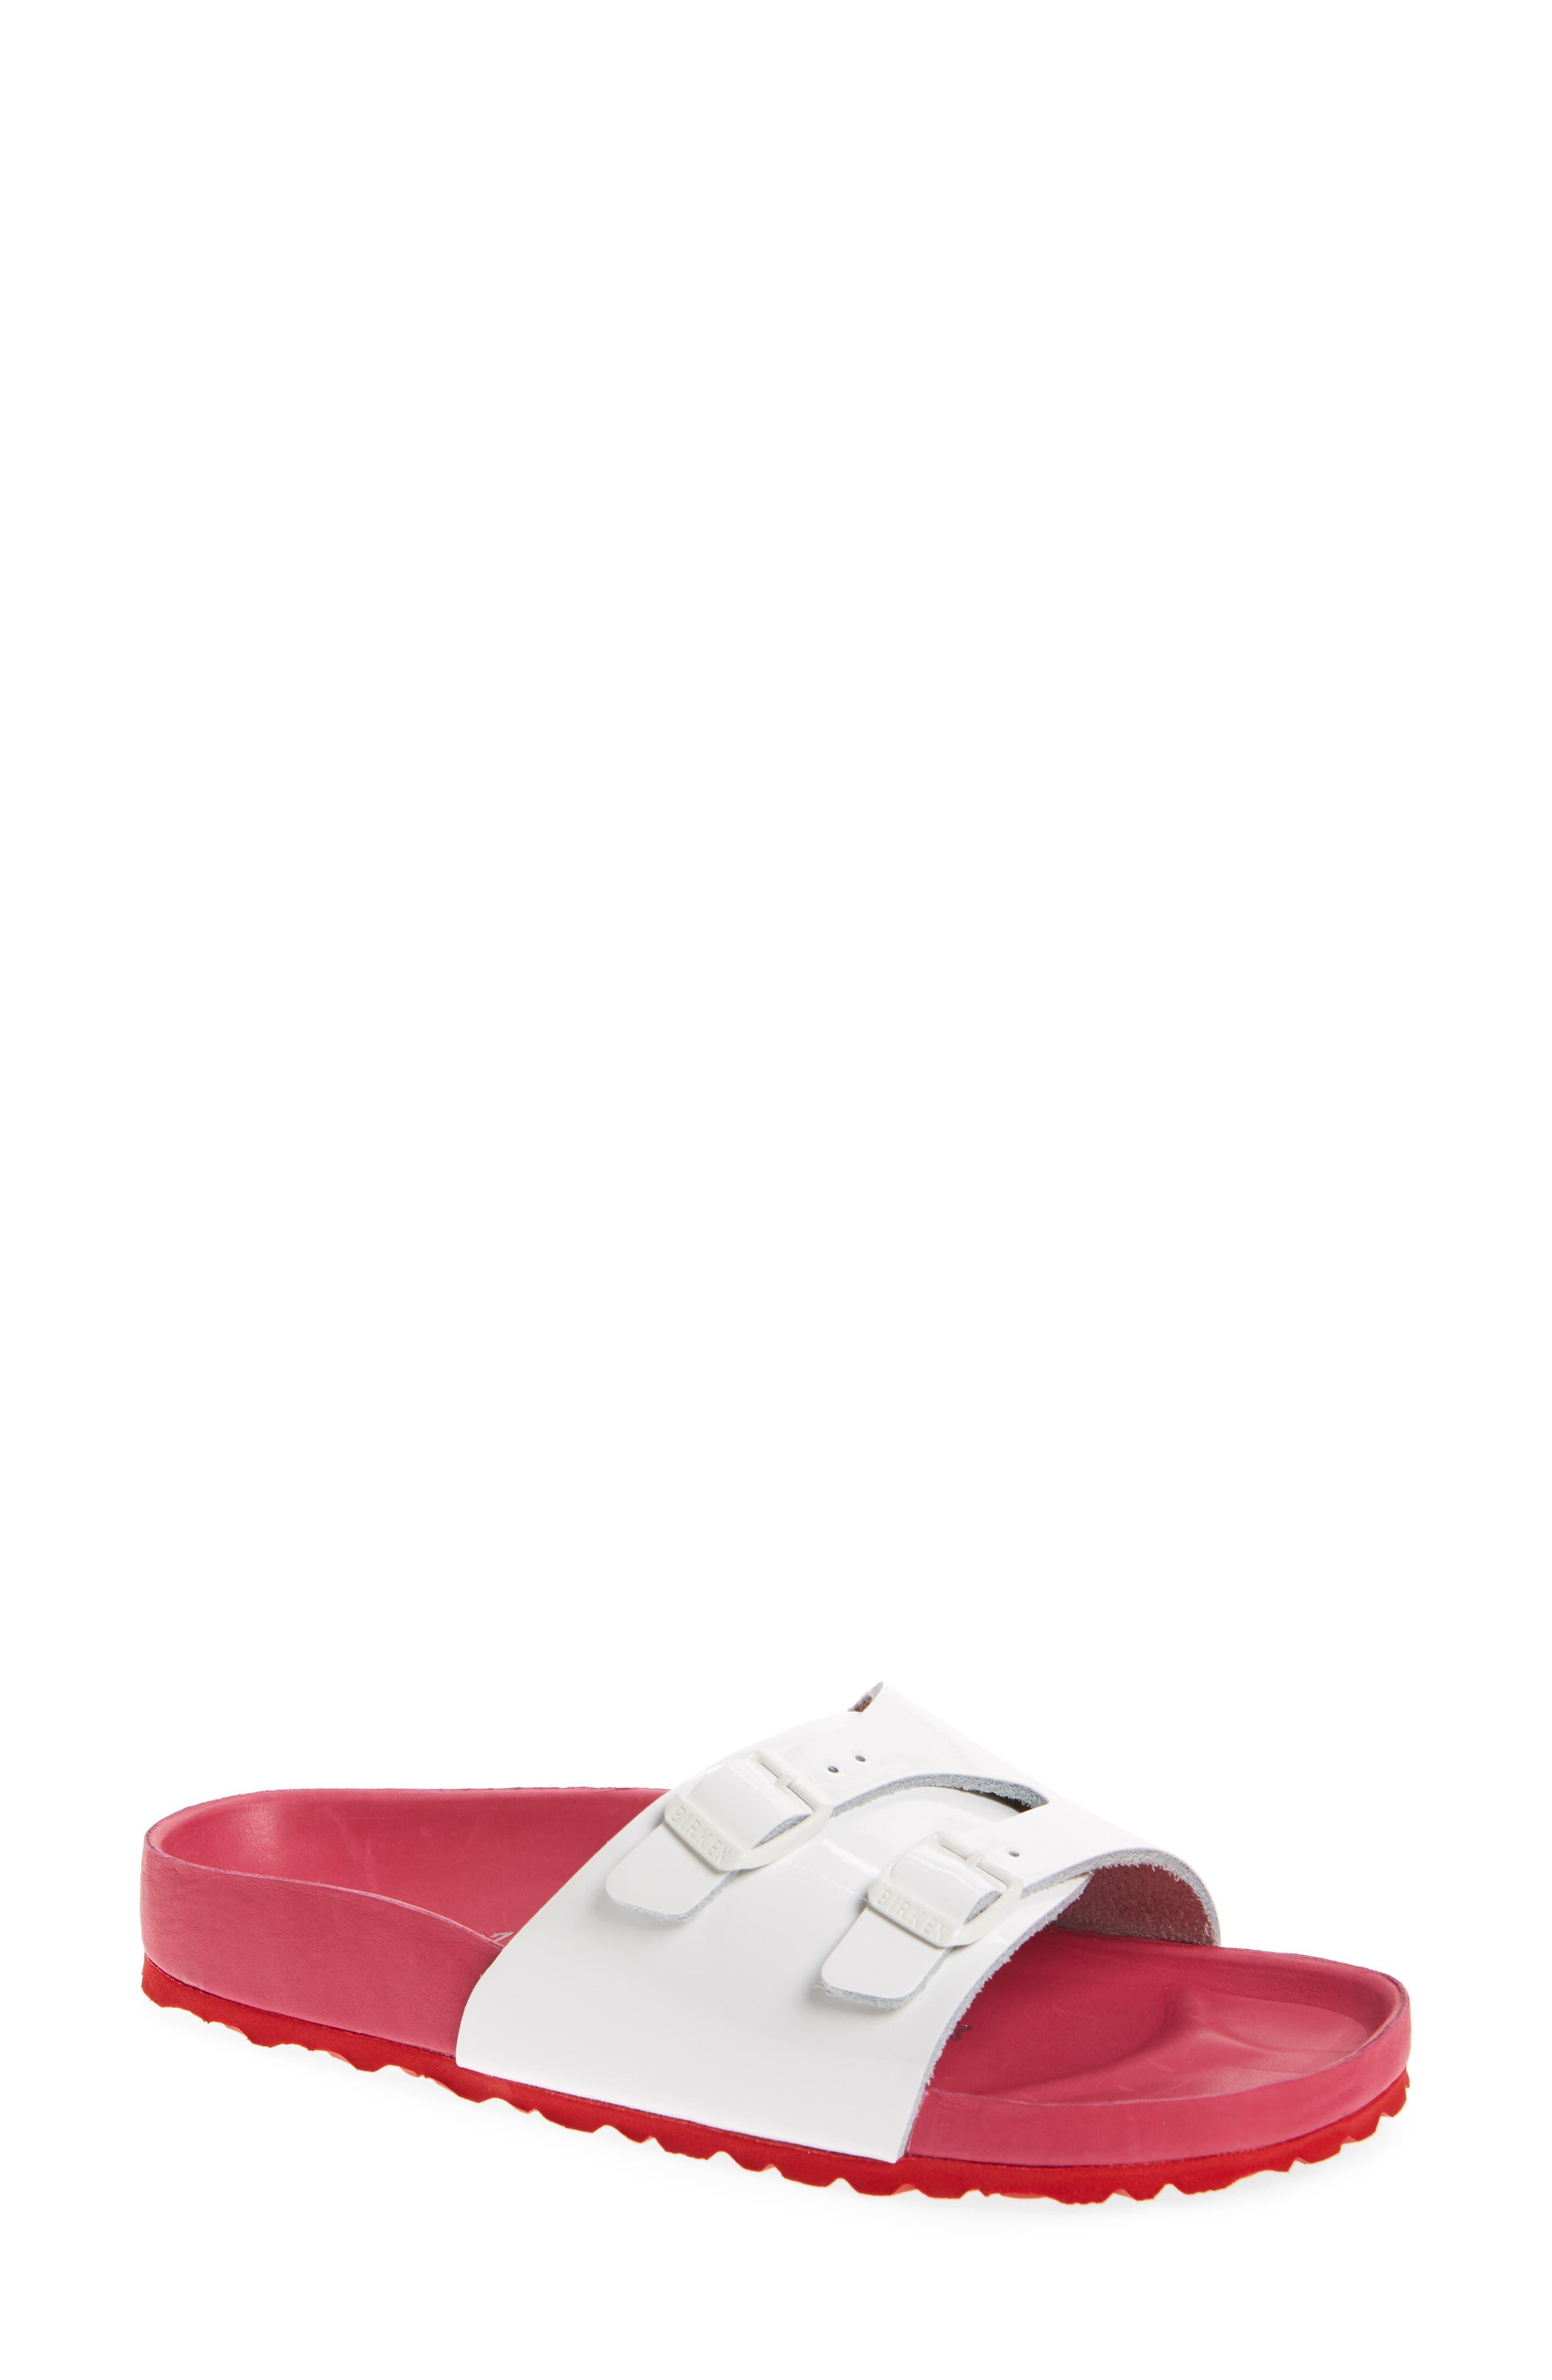 Vaduz Exquisite Limited Edition - Shock Drop Sandal,                         Main,                         color, White Leather